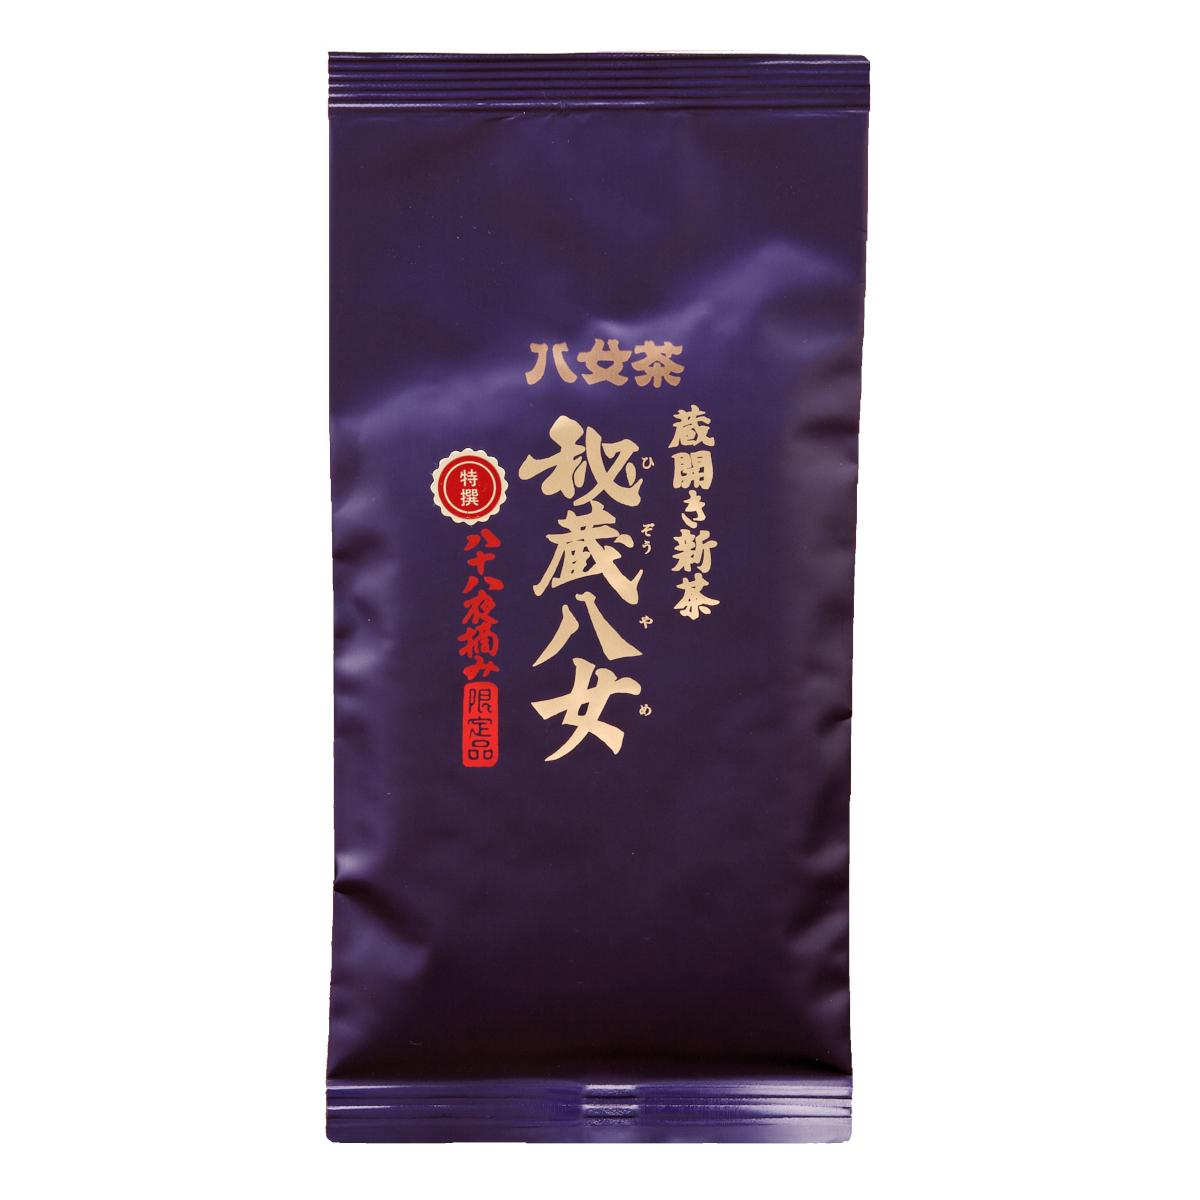 【ユ】蔵開き新茶・特選秘蔵八女(袋) 100g 【メール便可】